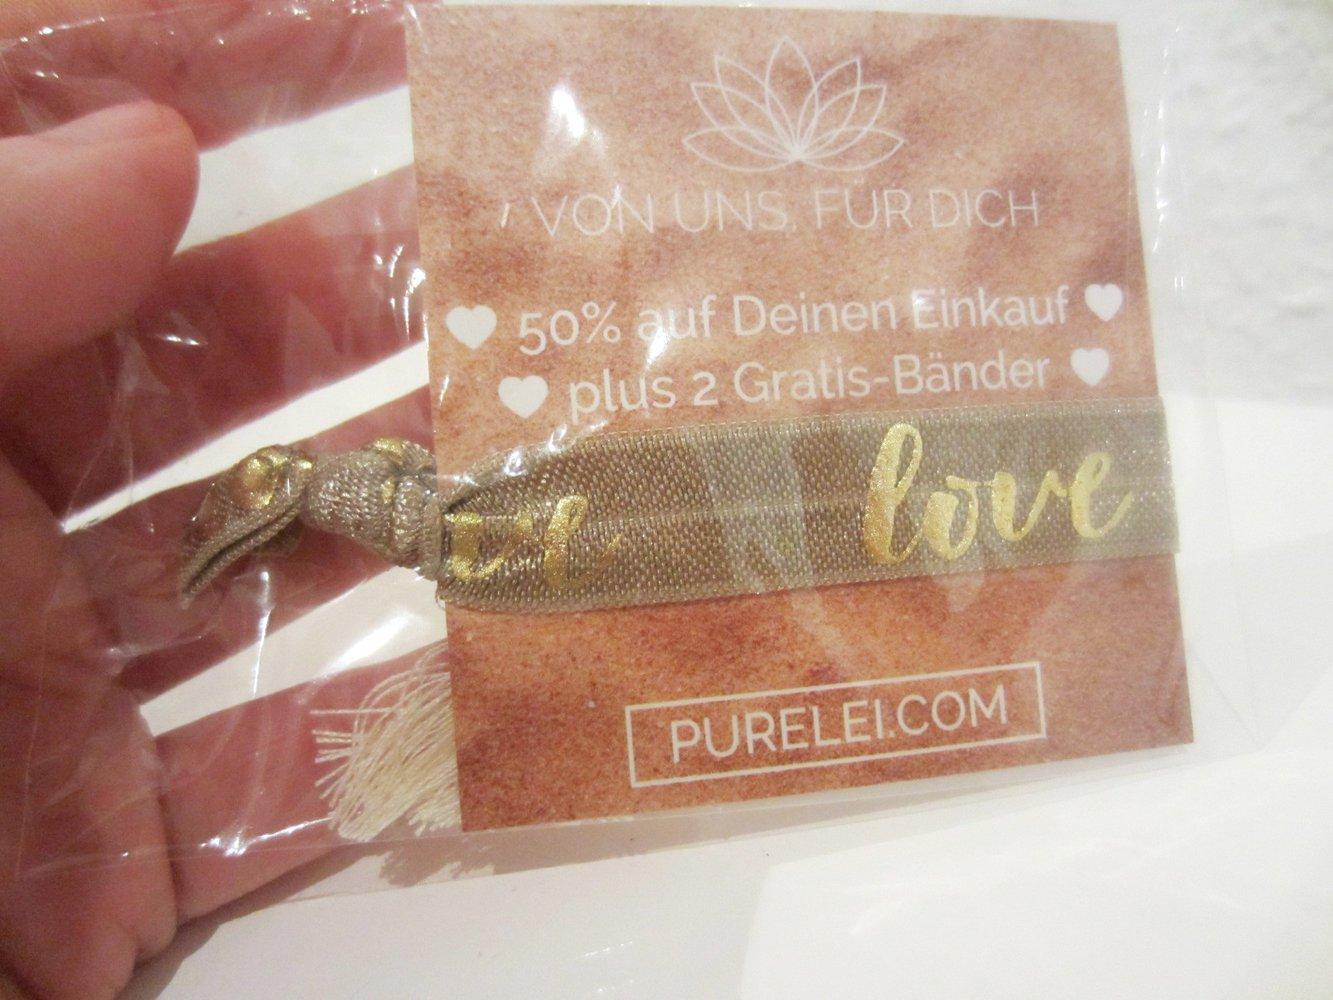 purelei love armband haarband plus gutscheincode. Black Bedroom Furniture Sets. Home Design Ideas